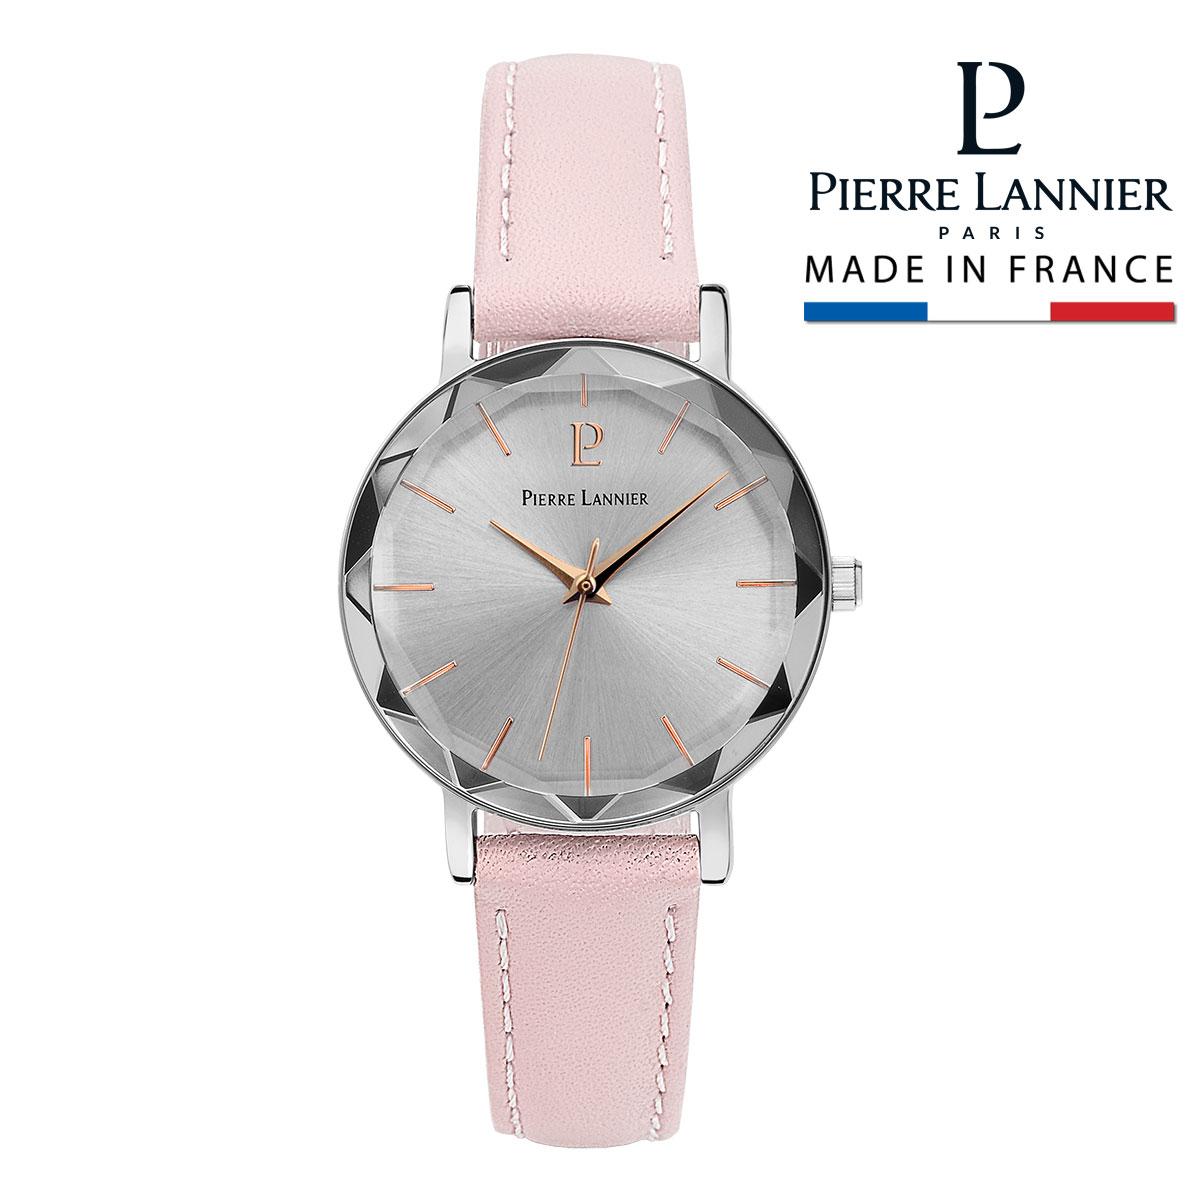 ピエールラニエ レディース腕時計 ブランド プレゼント ギフト 御祝